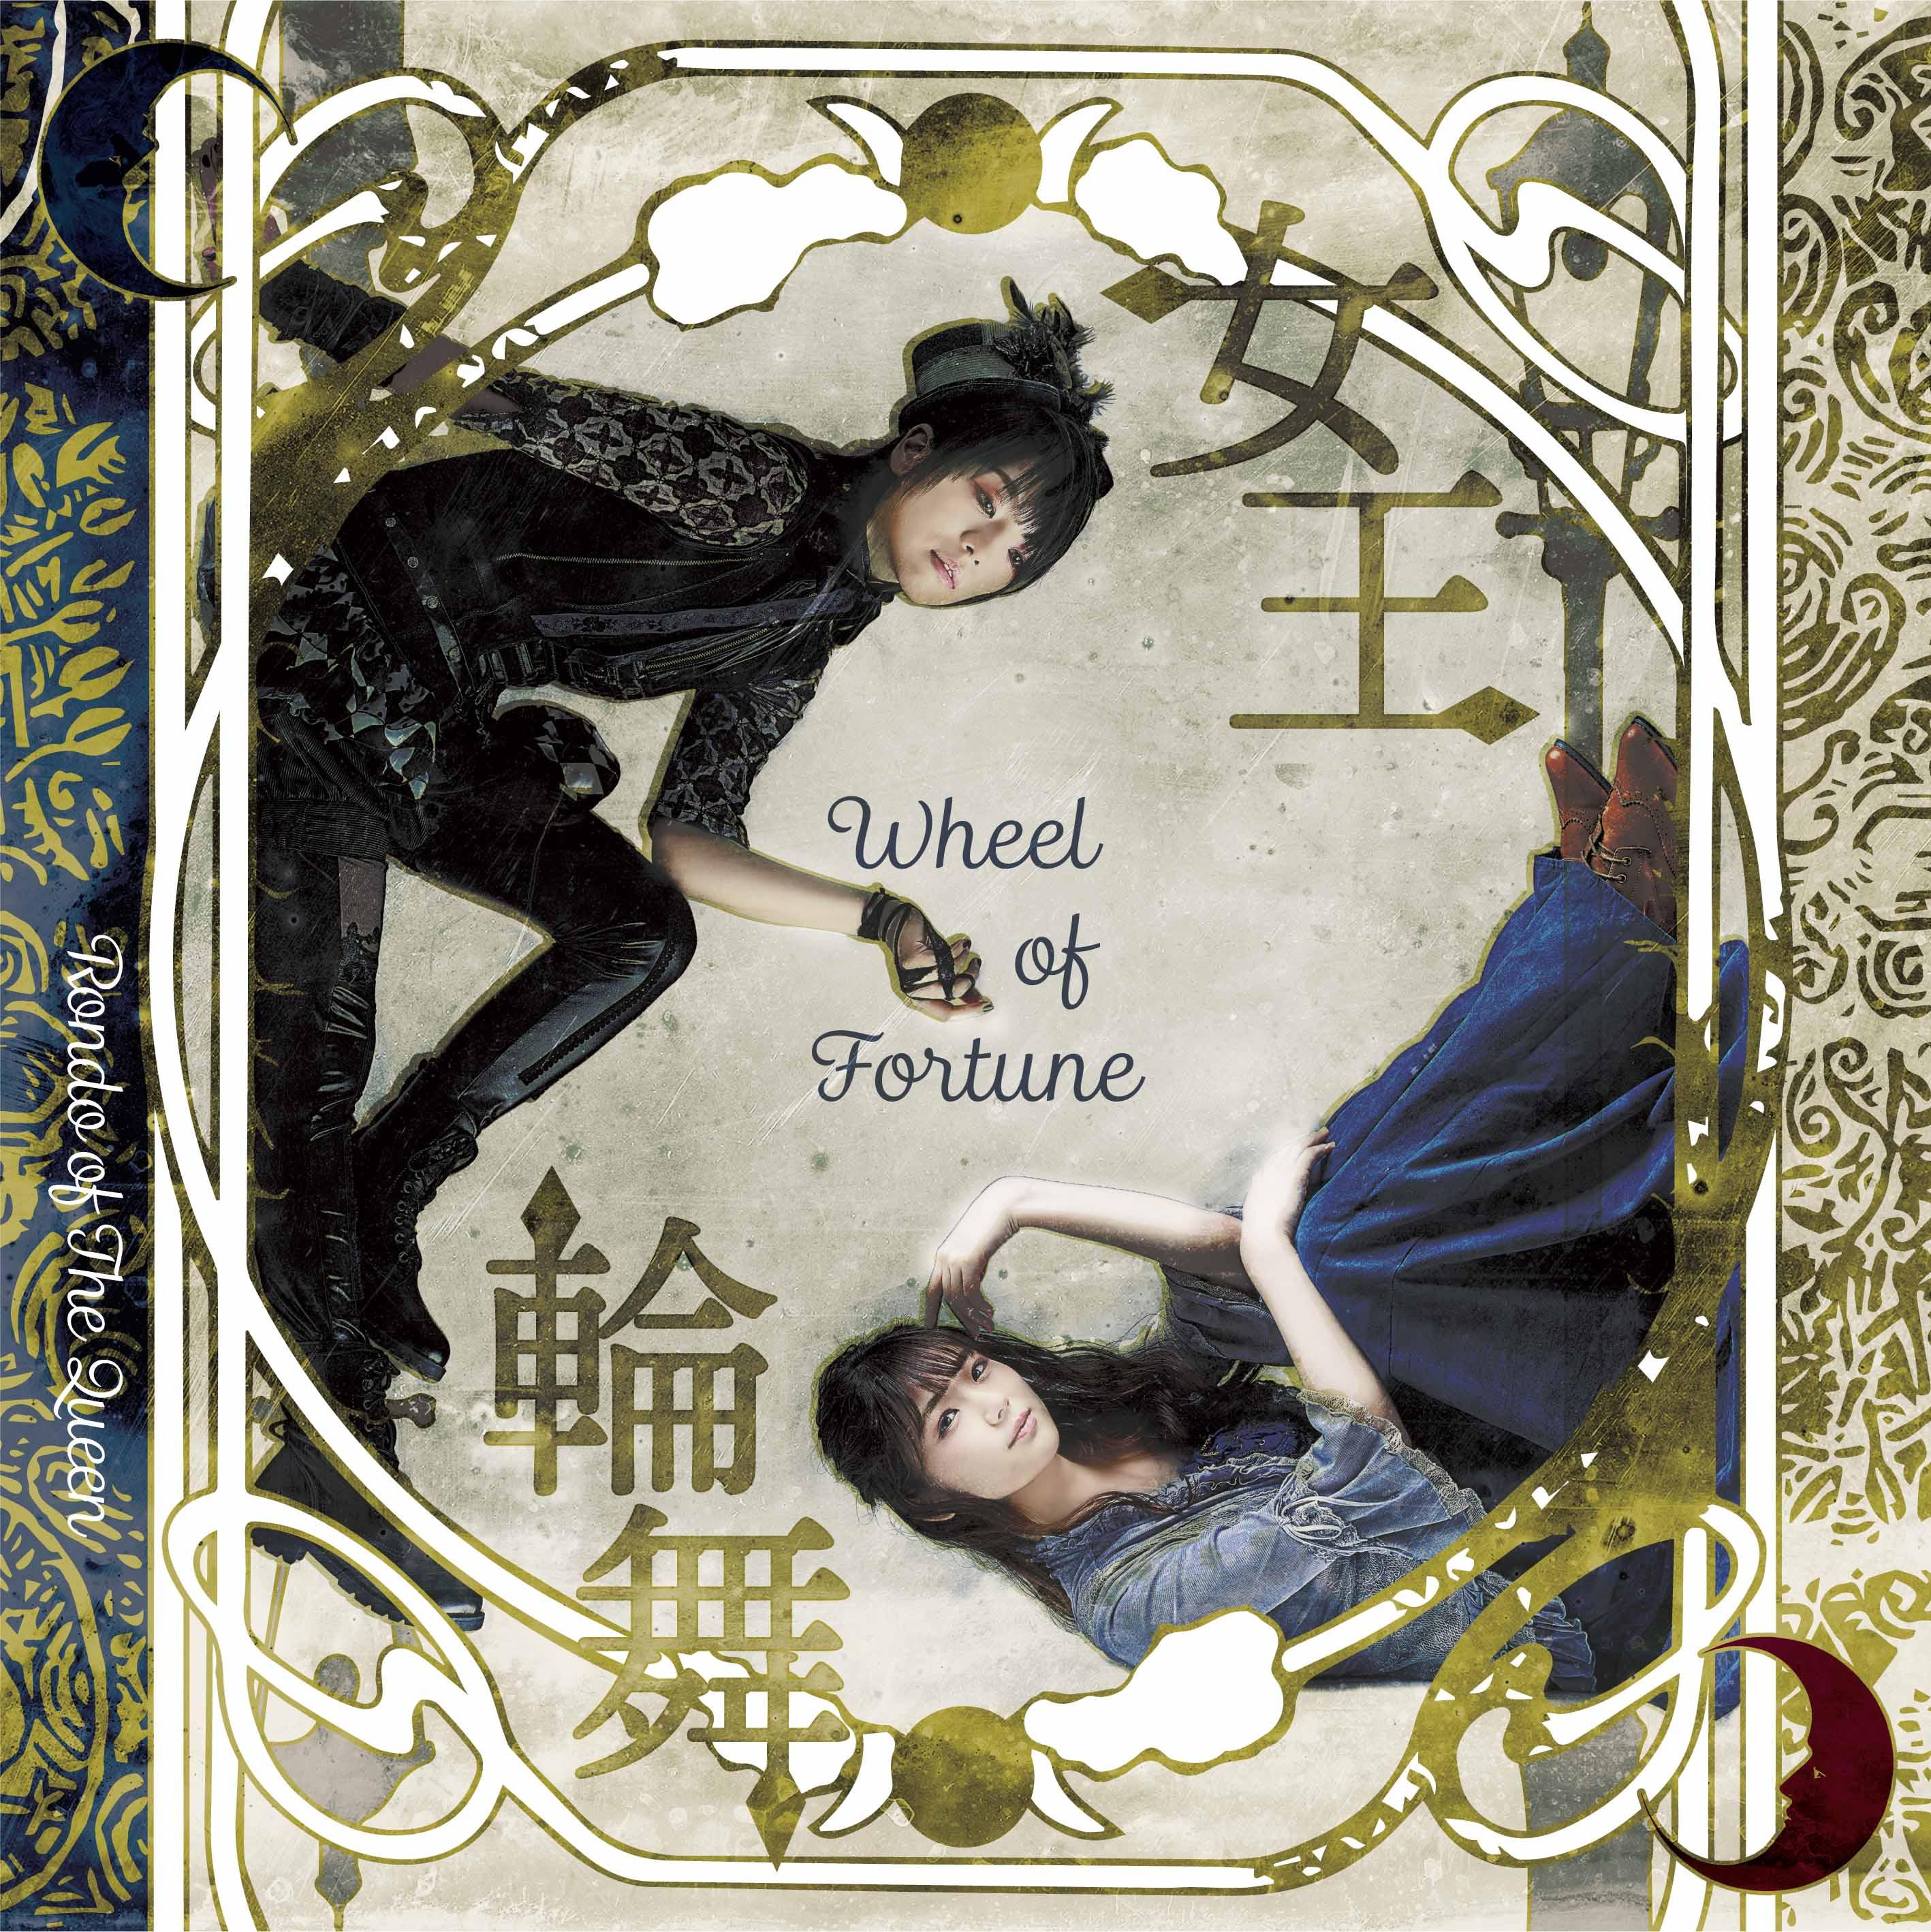 【1月31日(日)12:00】舞台「女王輪舞」